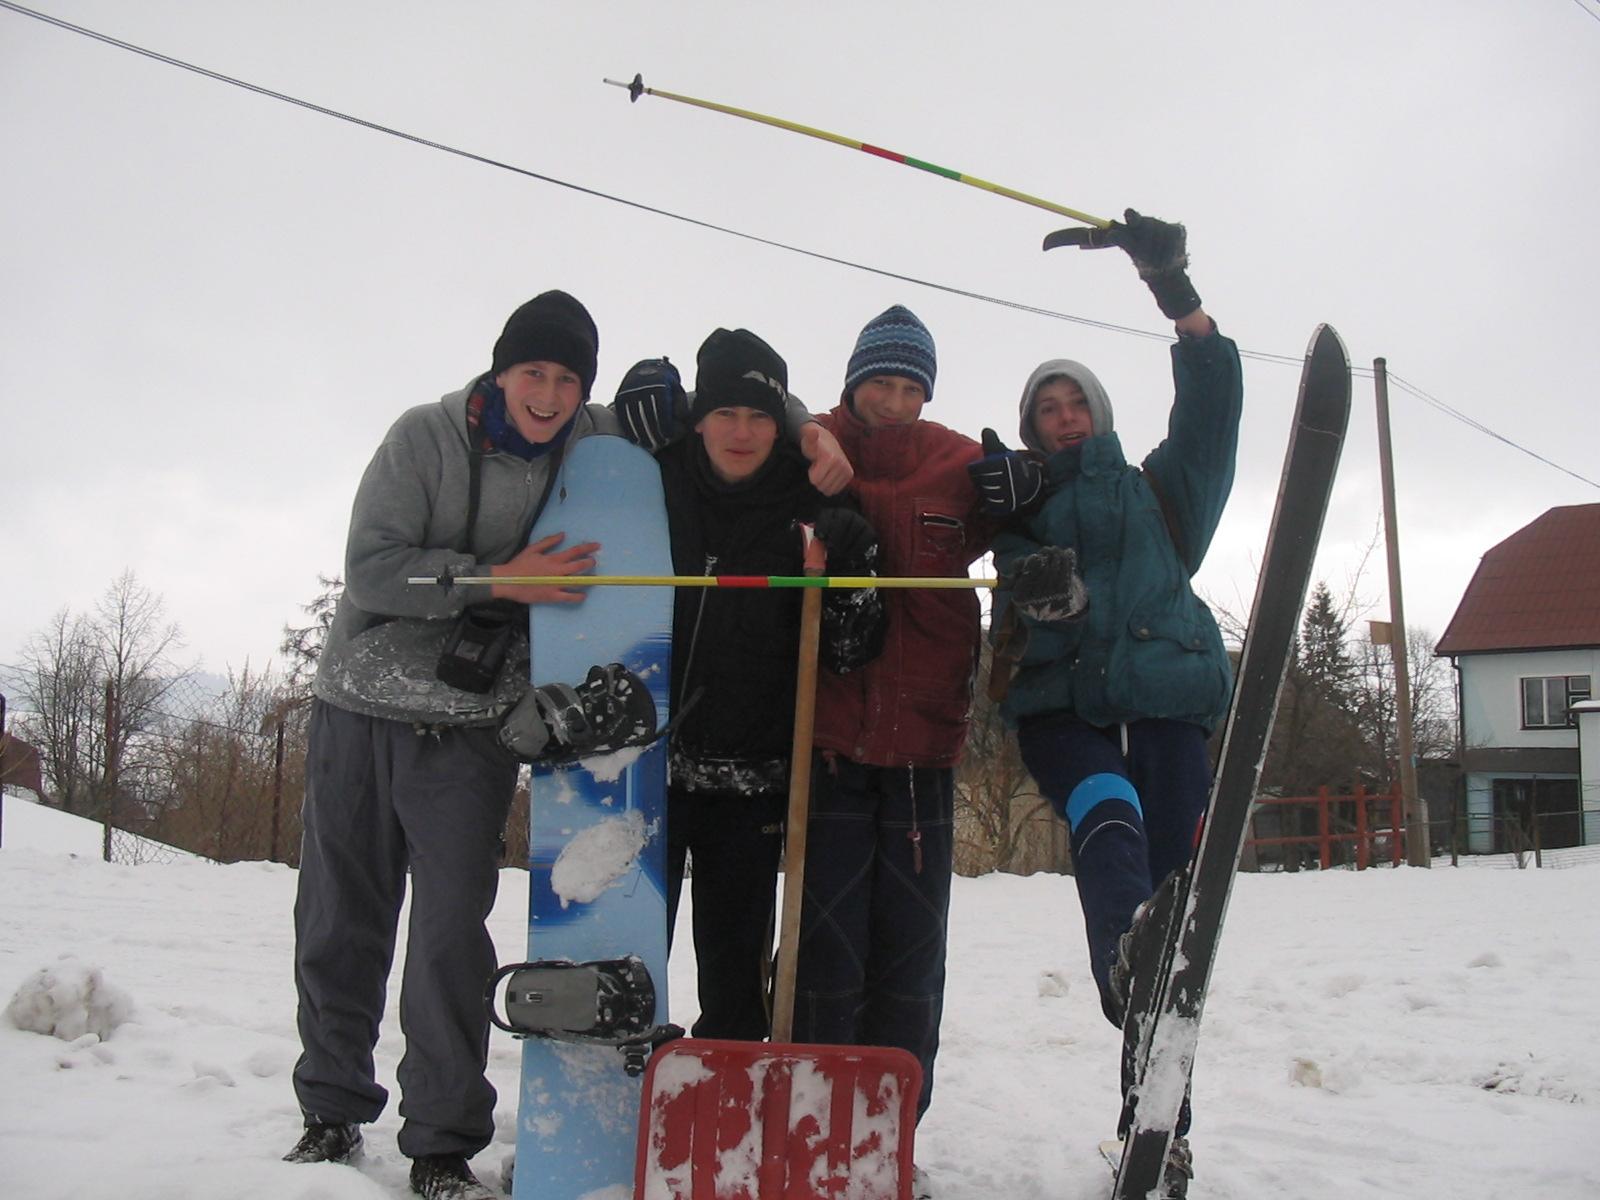 Naše snowboardové začiatky na jednej doske - 2004